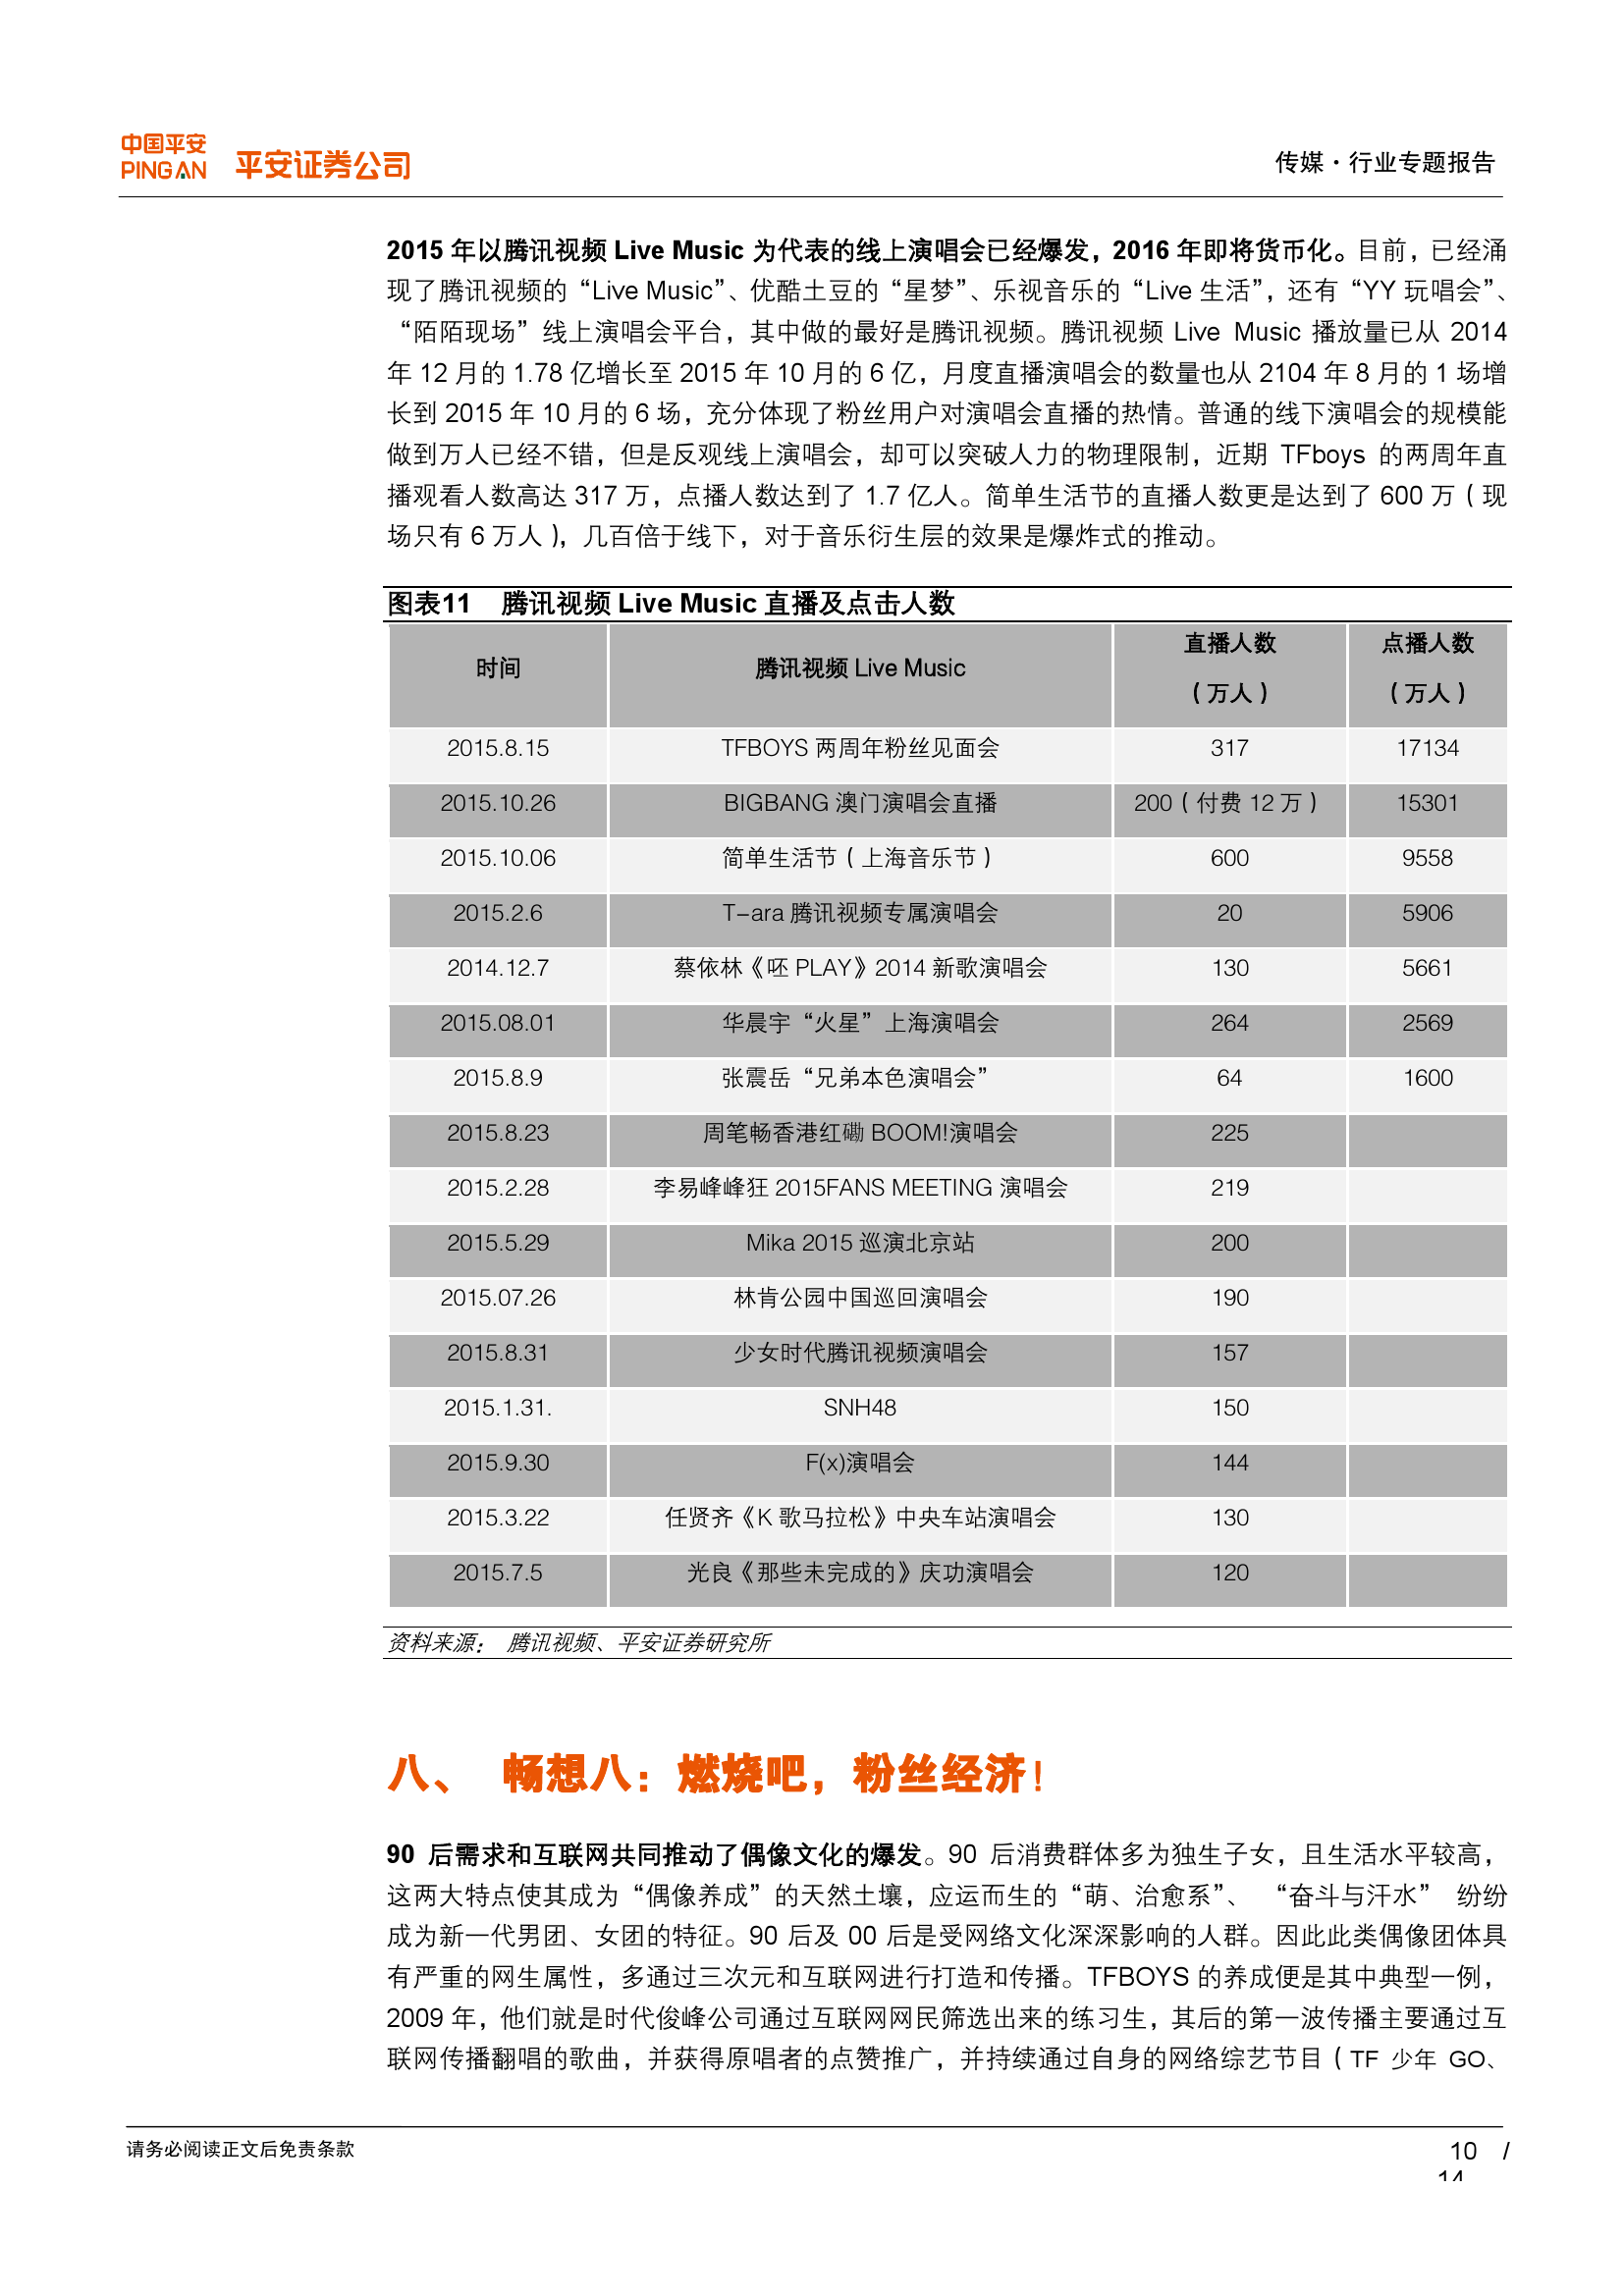 2016年传媒行业10大畅想_000010